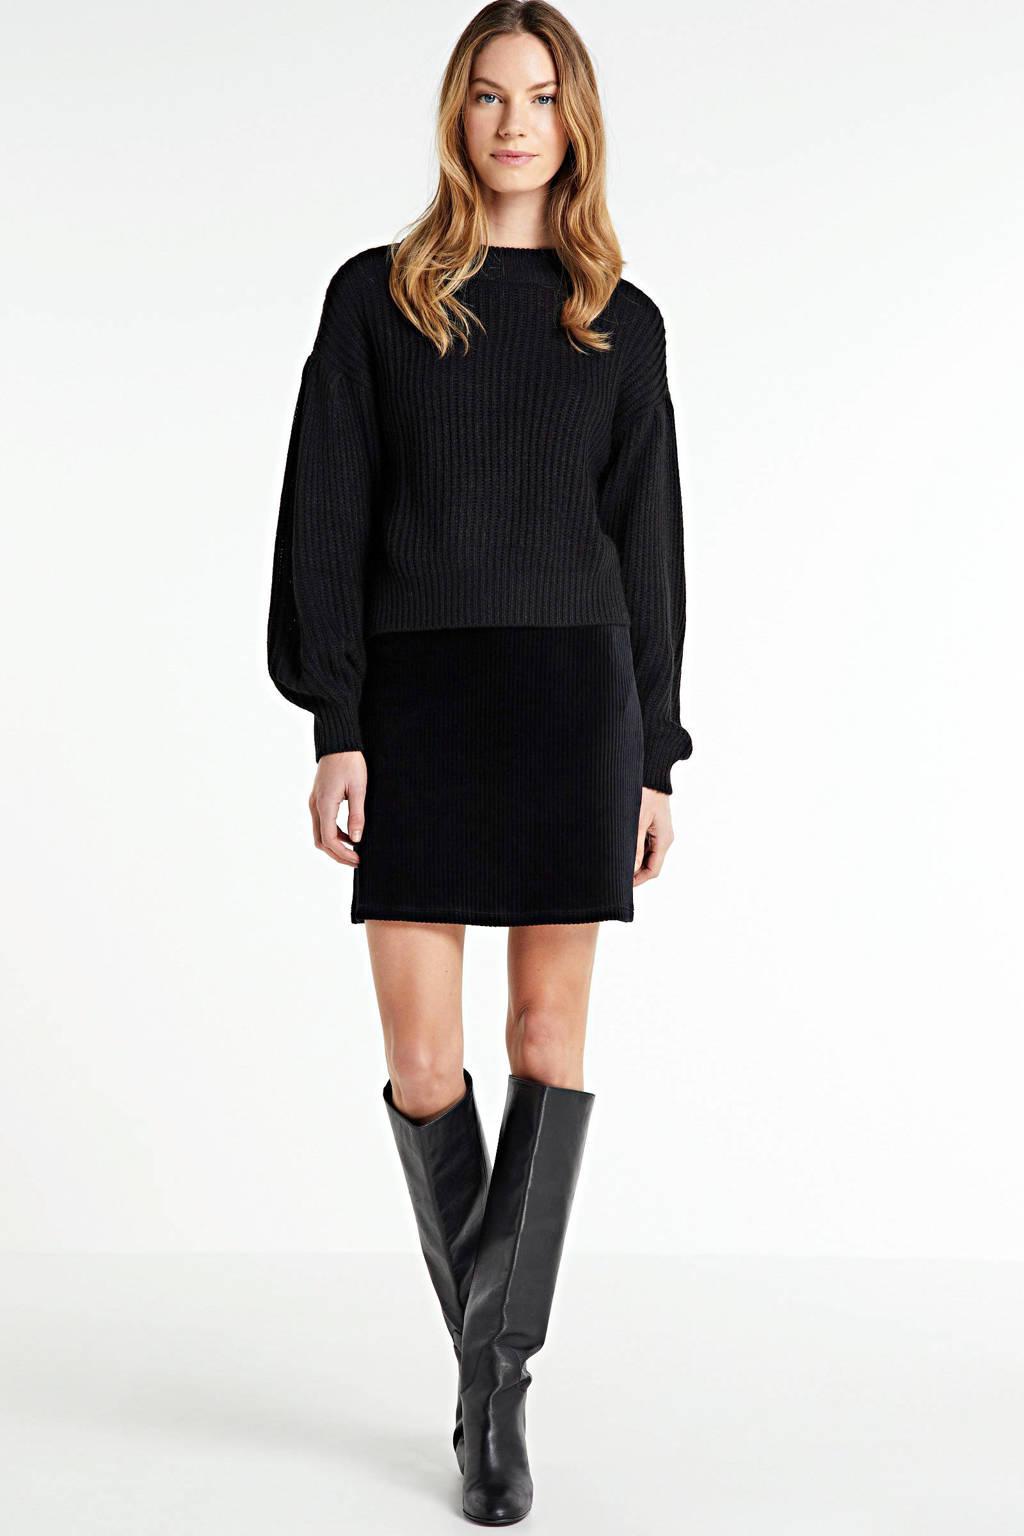 VILA rok zwart, Zwart